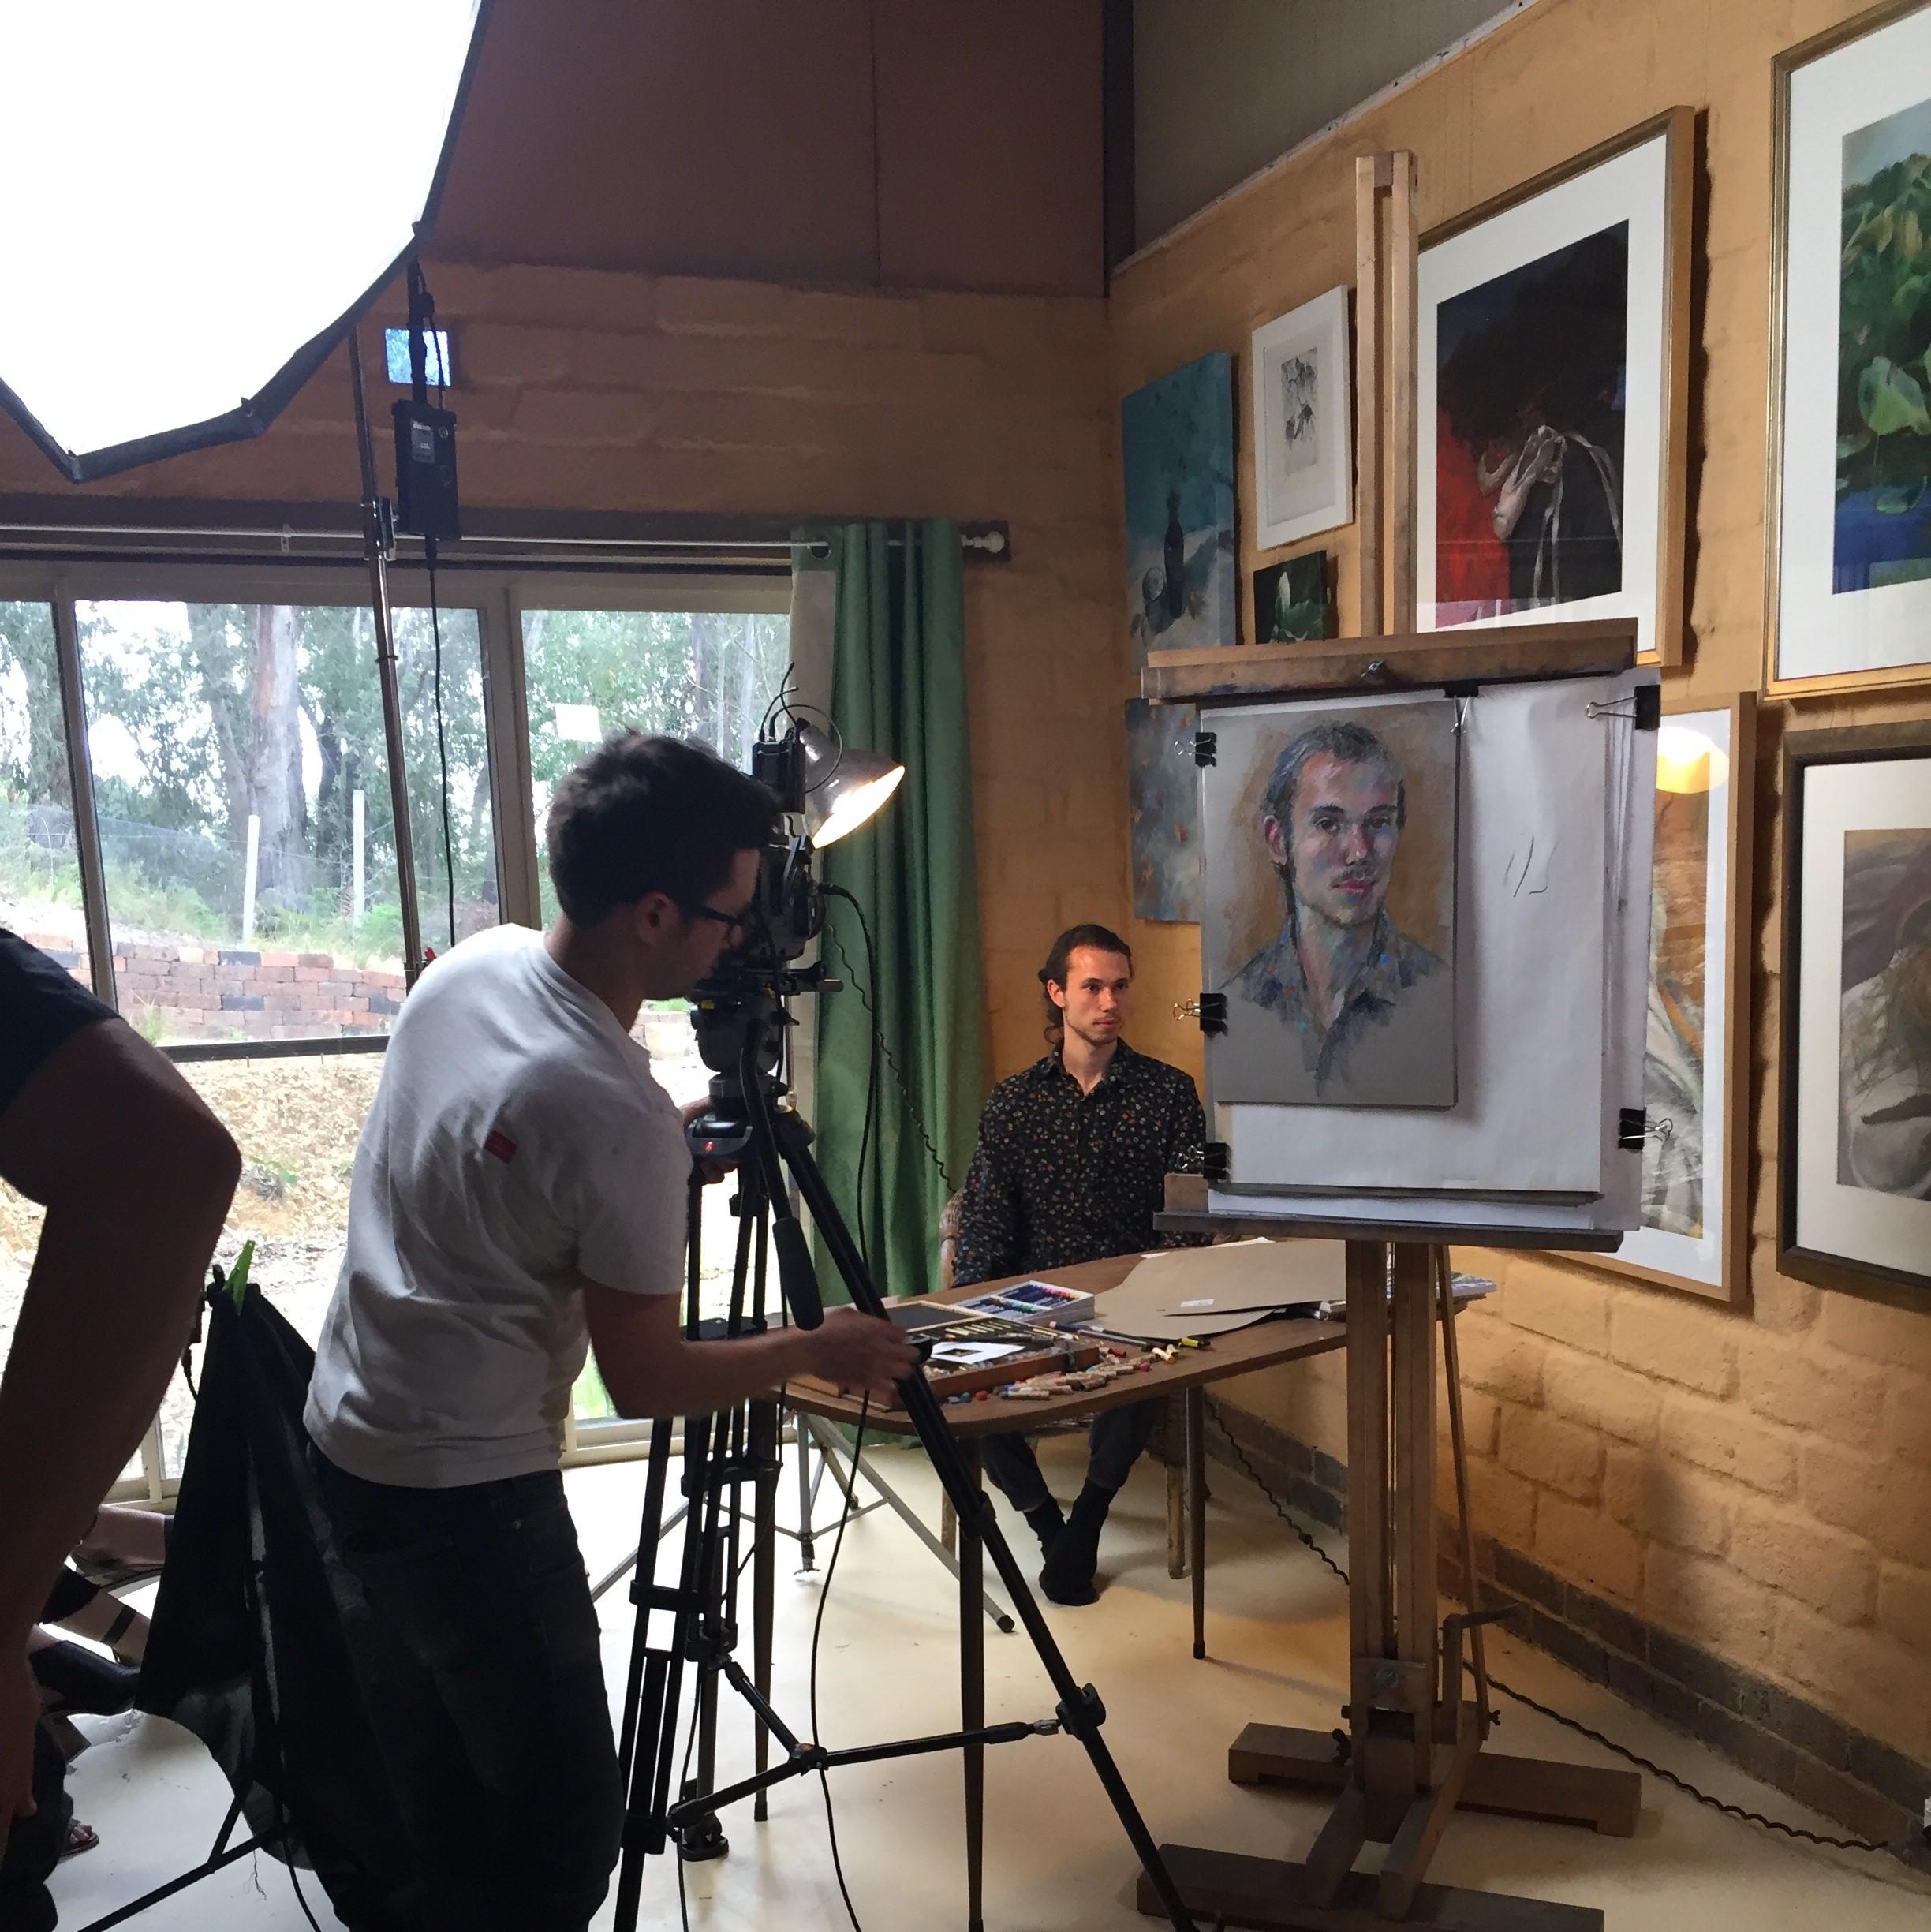 Officeworks video shoot, Janet Hayes.jpg